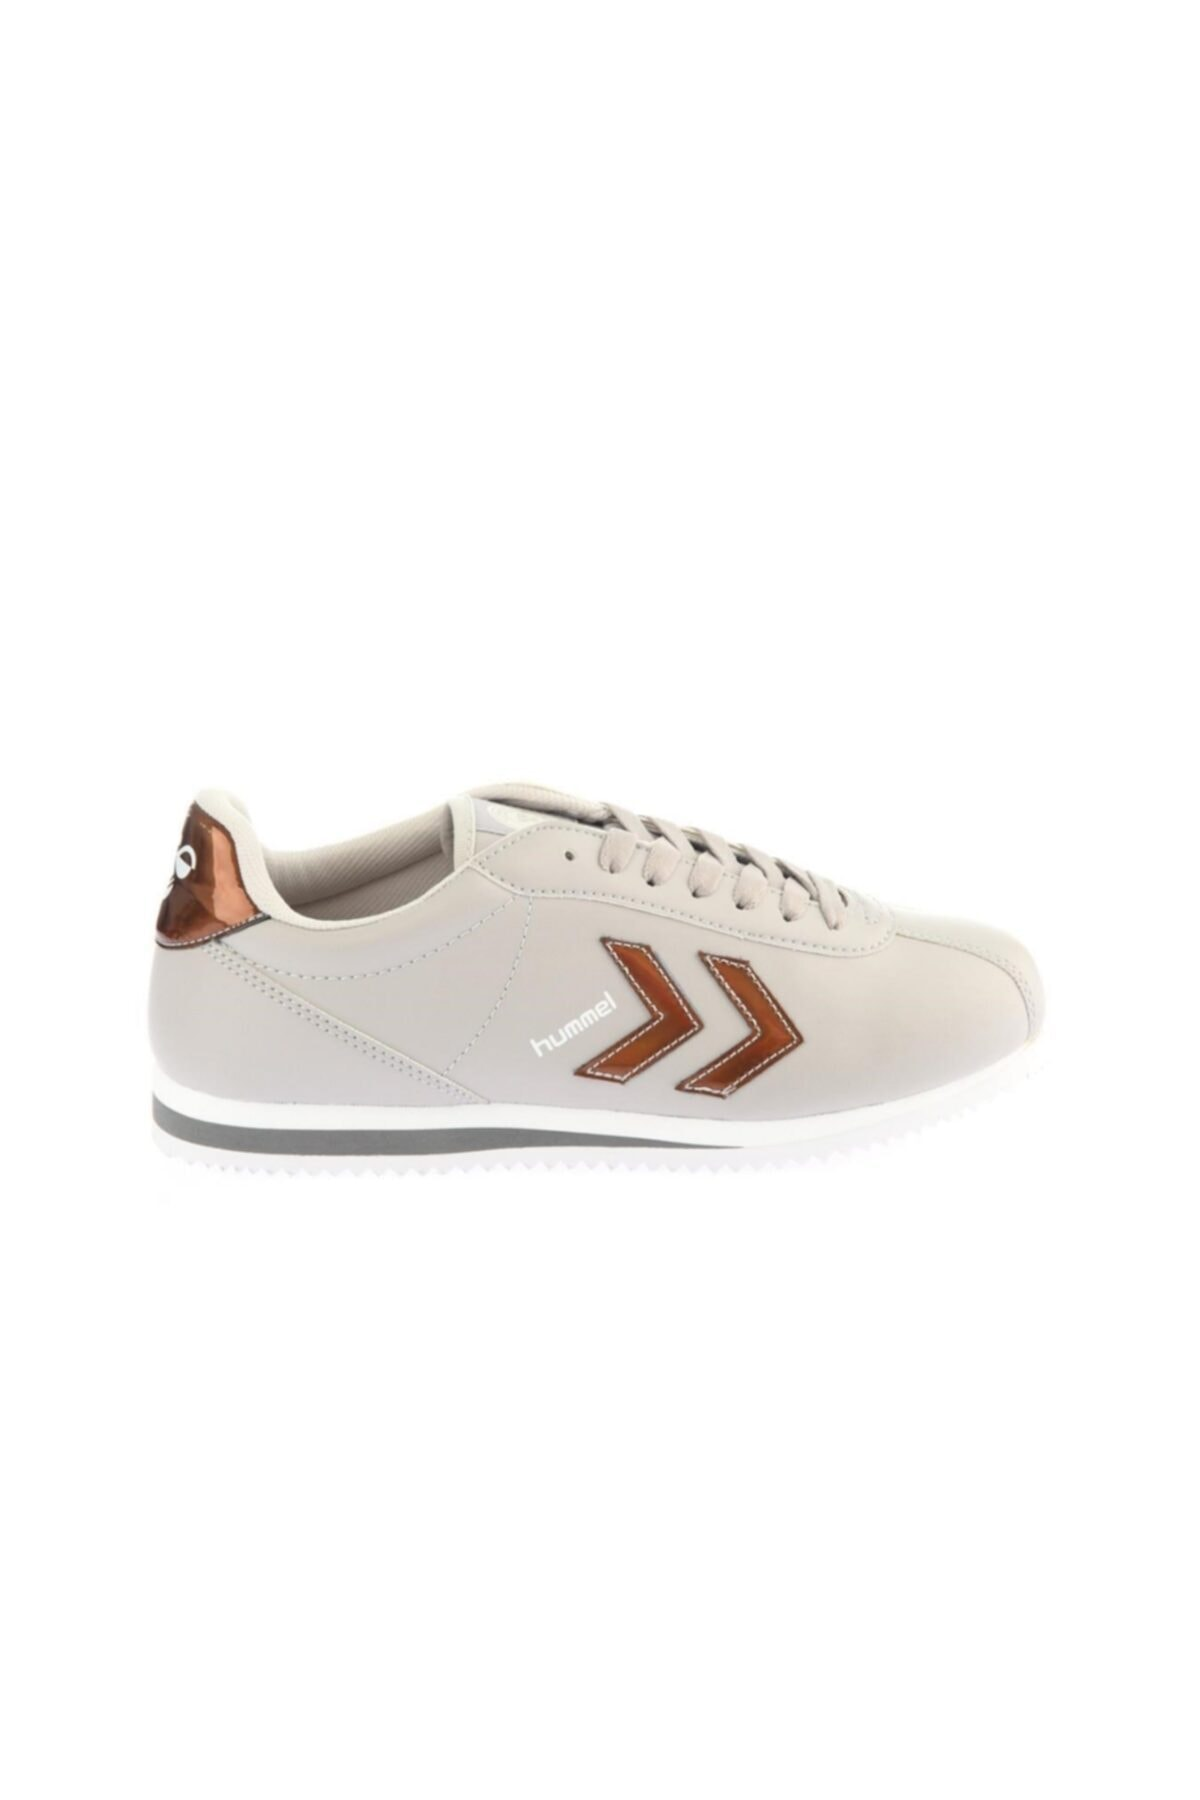 HUMMEL Ninetyone 2 Kadın Spor Ayakkabı 206314-9018 1